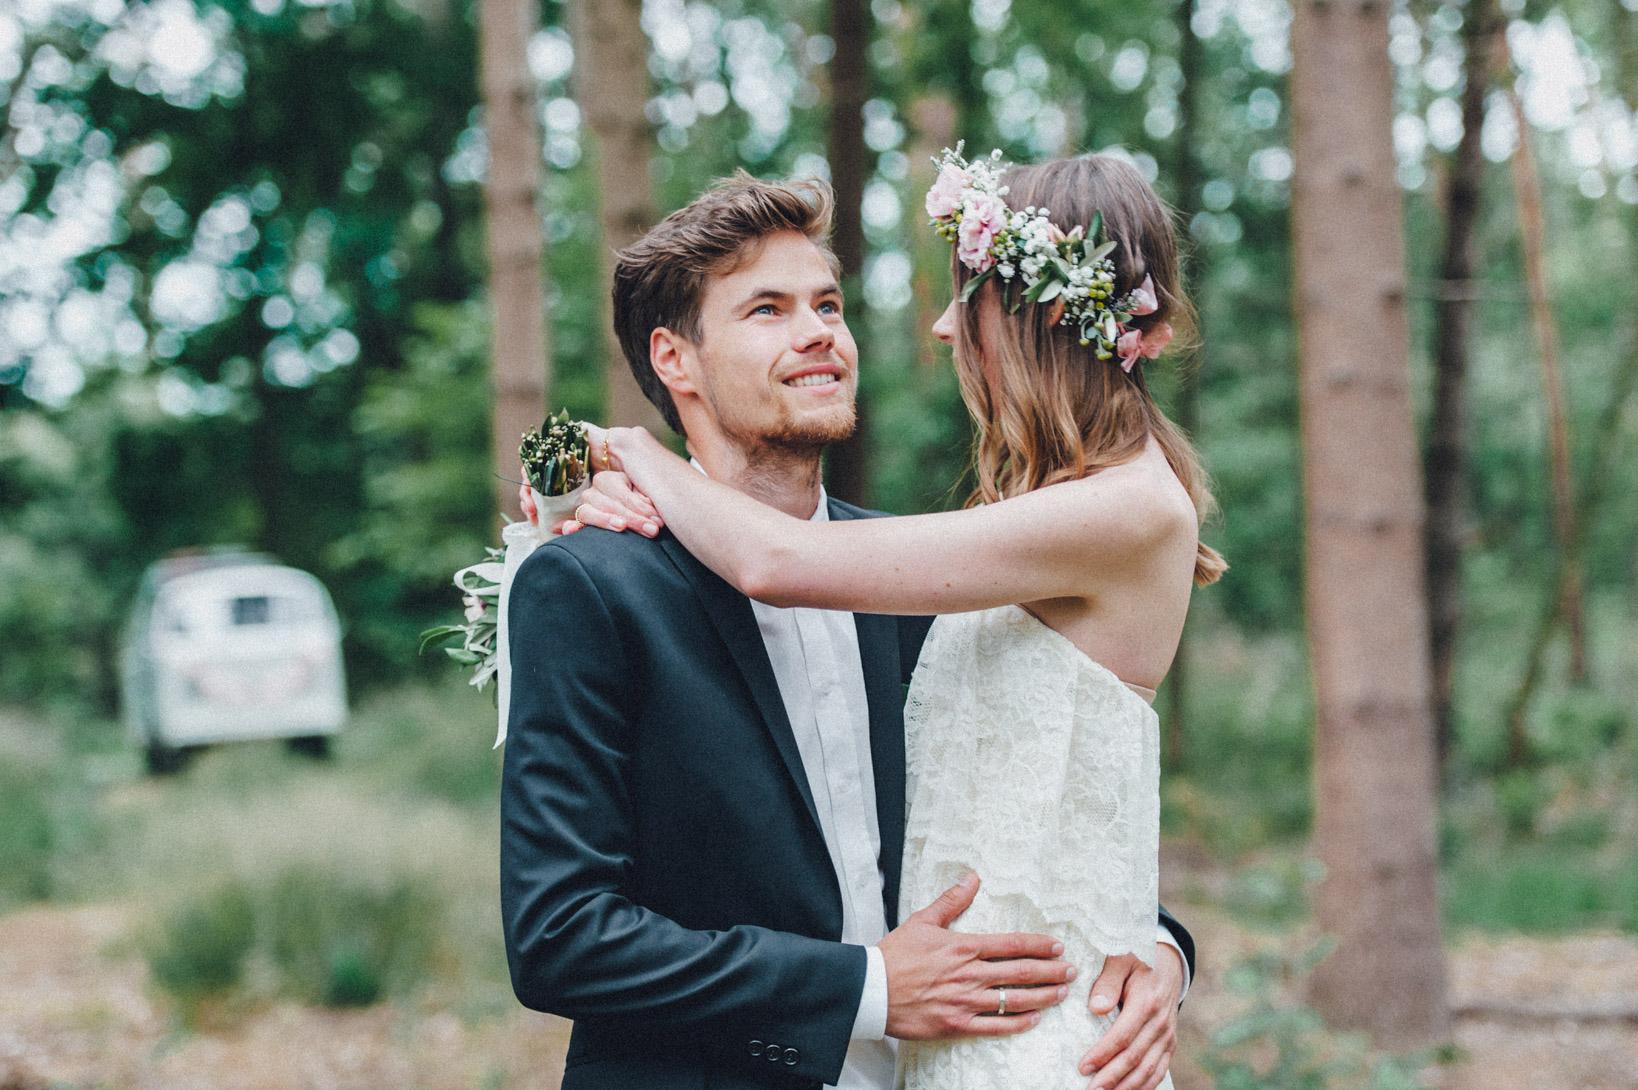 DIY-Hochzeit-gold-VW-Bully-81 Janet & Pierre DIY Midsummer-Wedding in Gold mit VW BulliDIY Hochzeit gold VW Bully 81